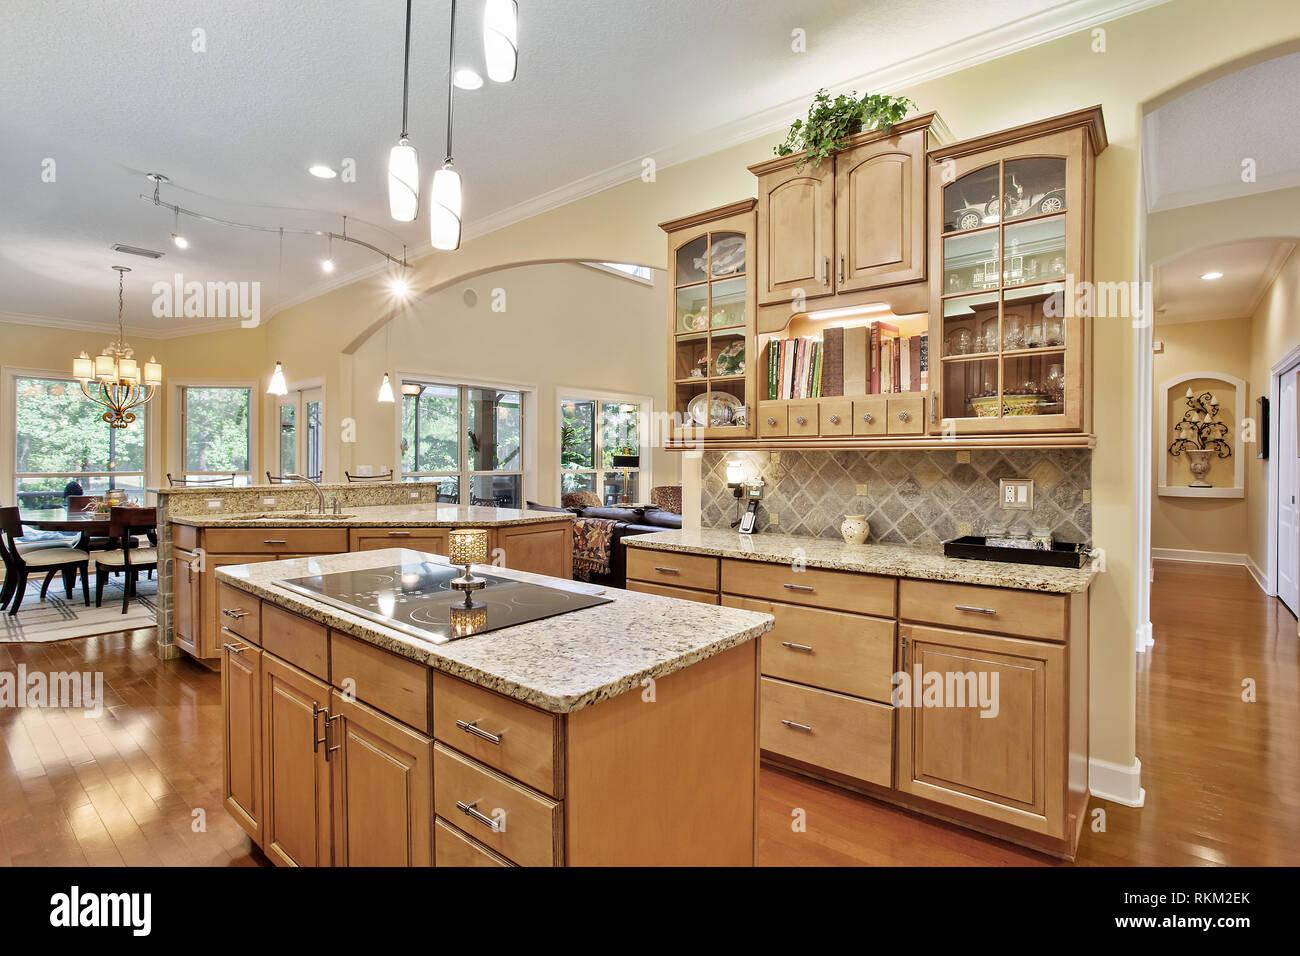 Moderne Küche Home Interior mit Holz und Holz- Schränke ...